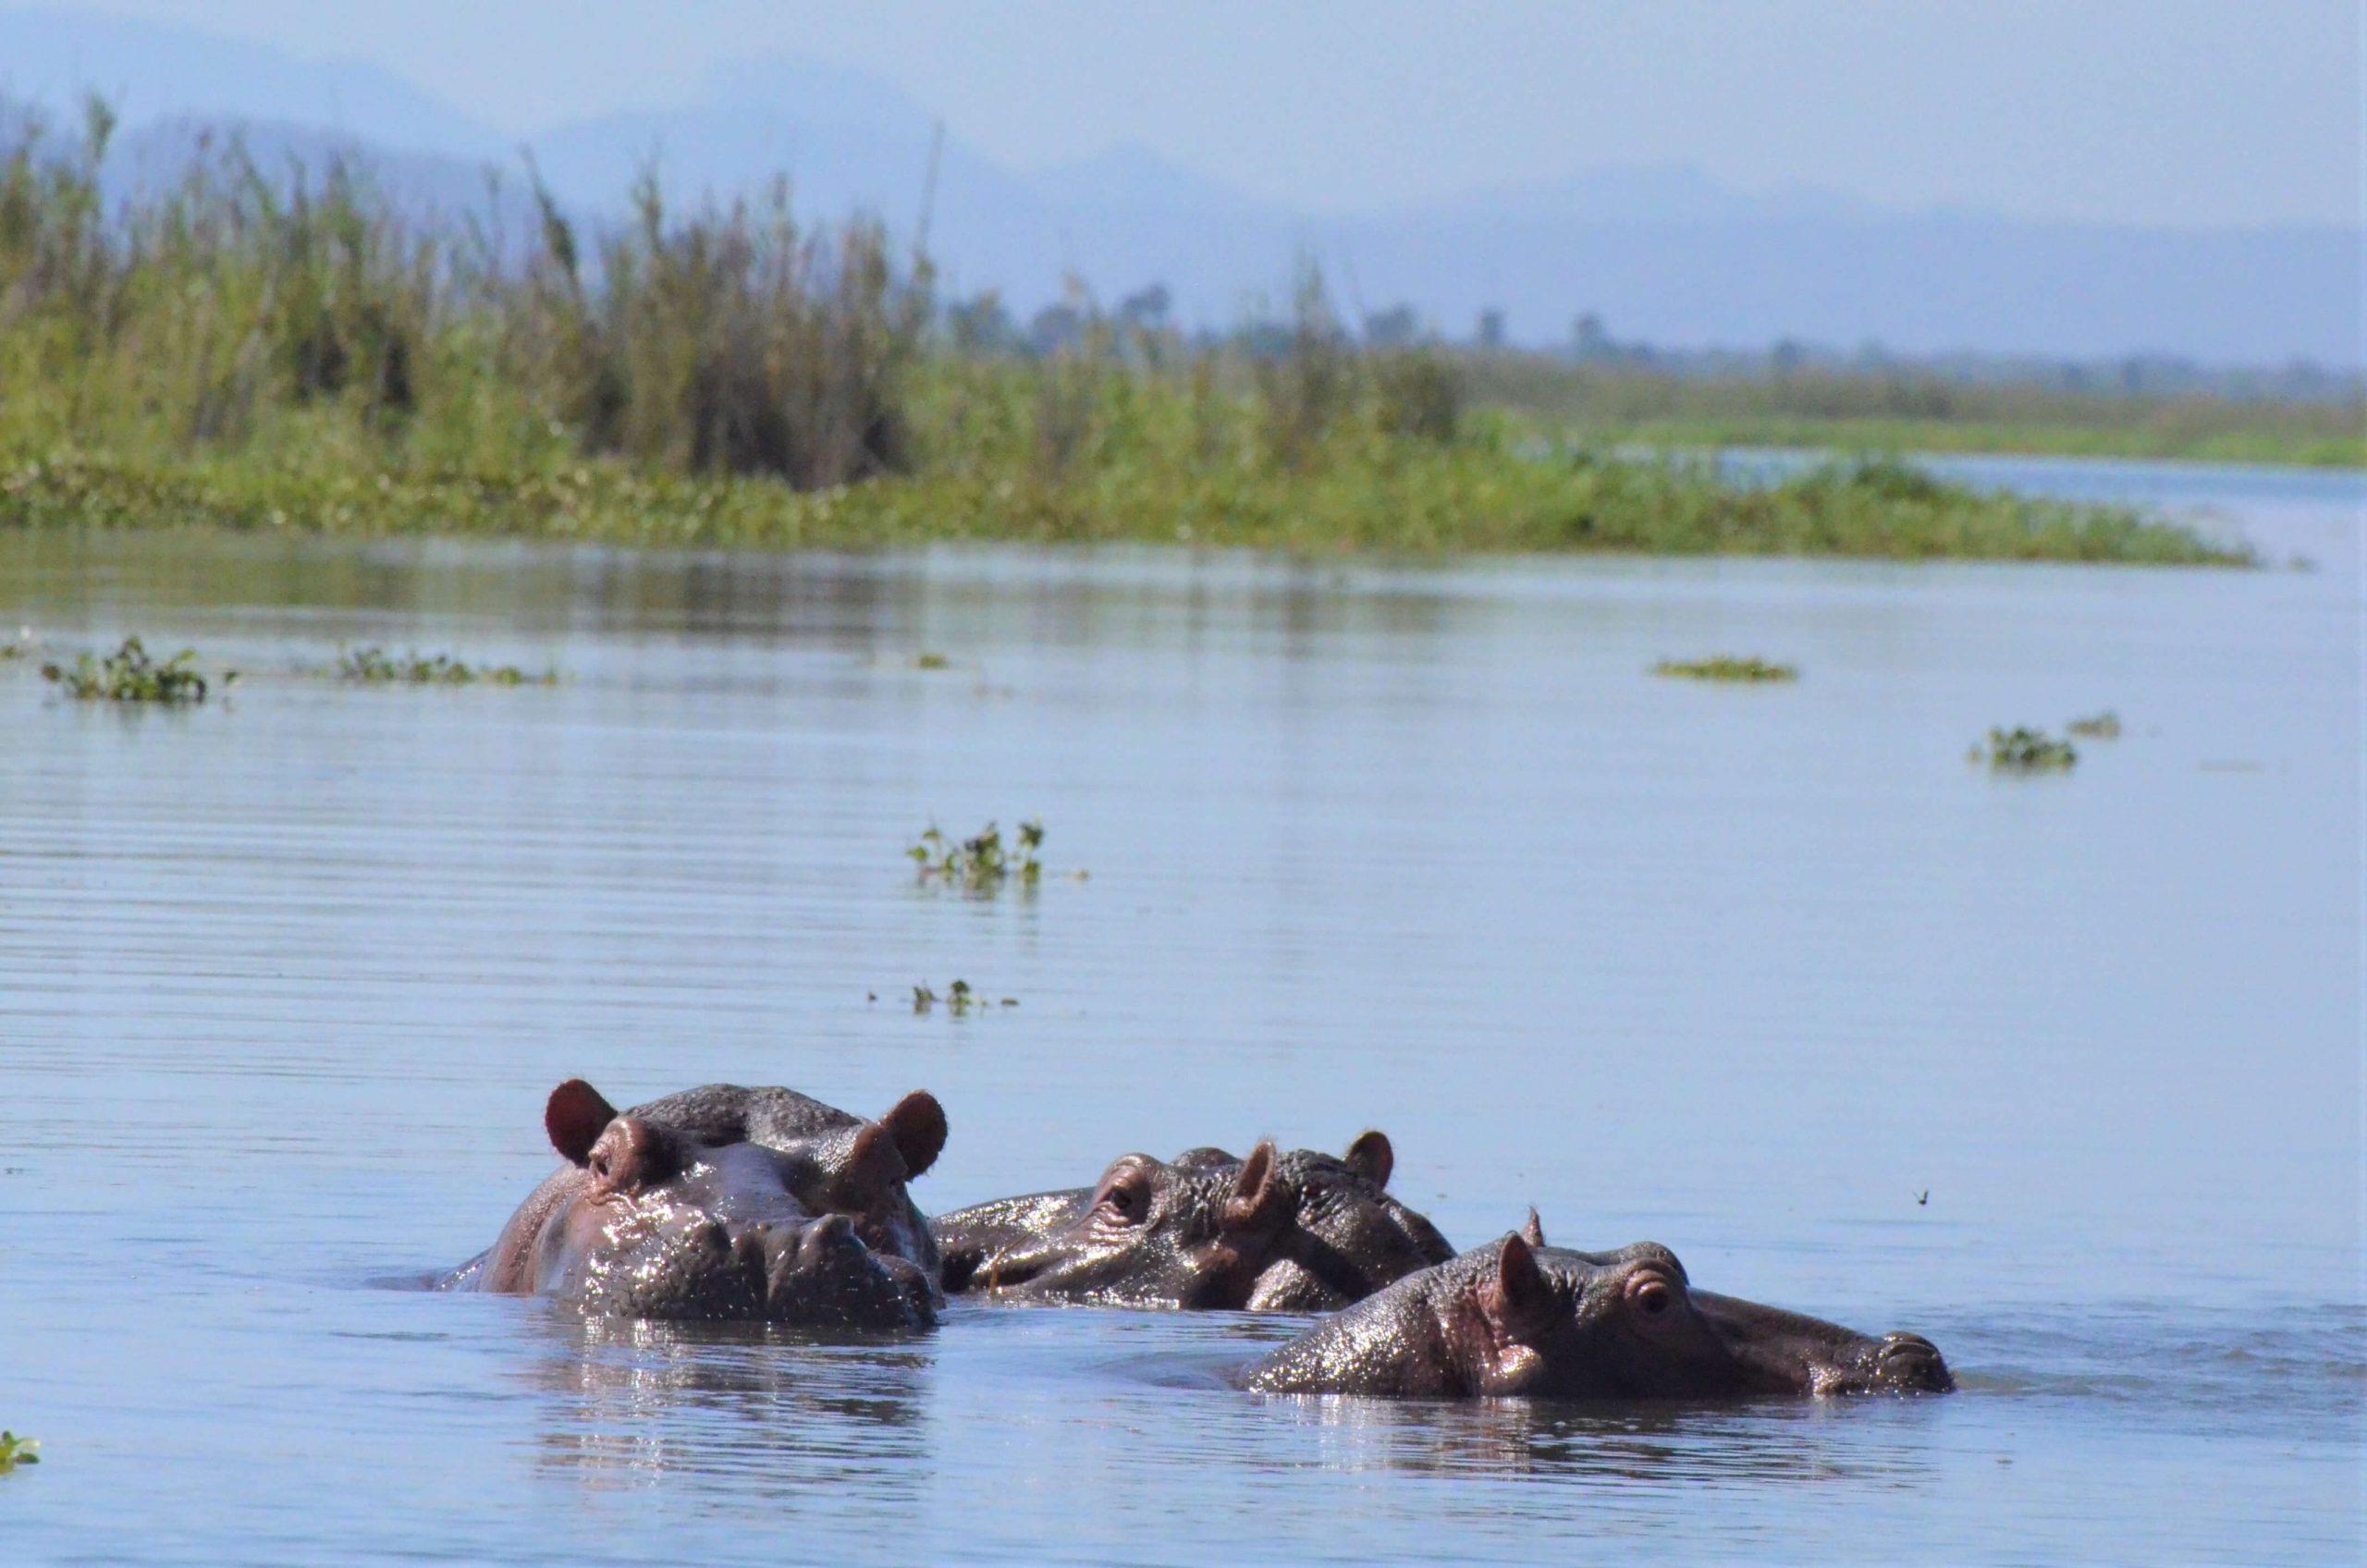 Hippos on a boat safari in Malawi